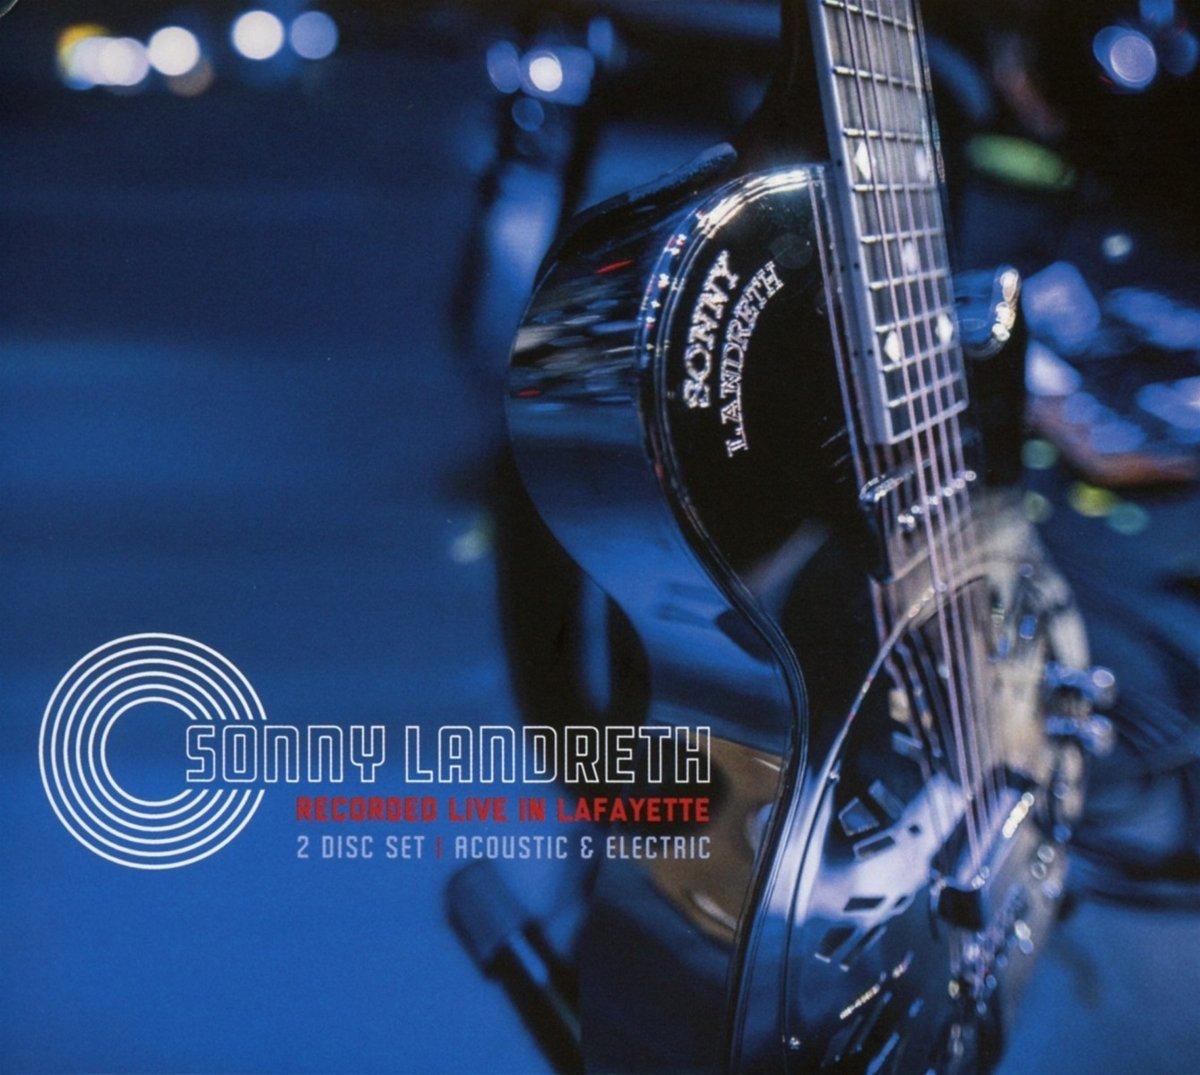 SONNY LANDRETH – Walkin'blues